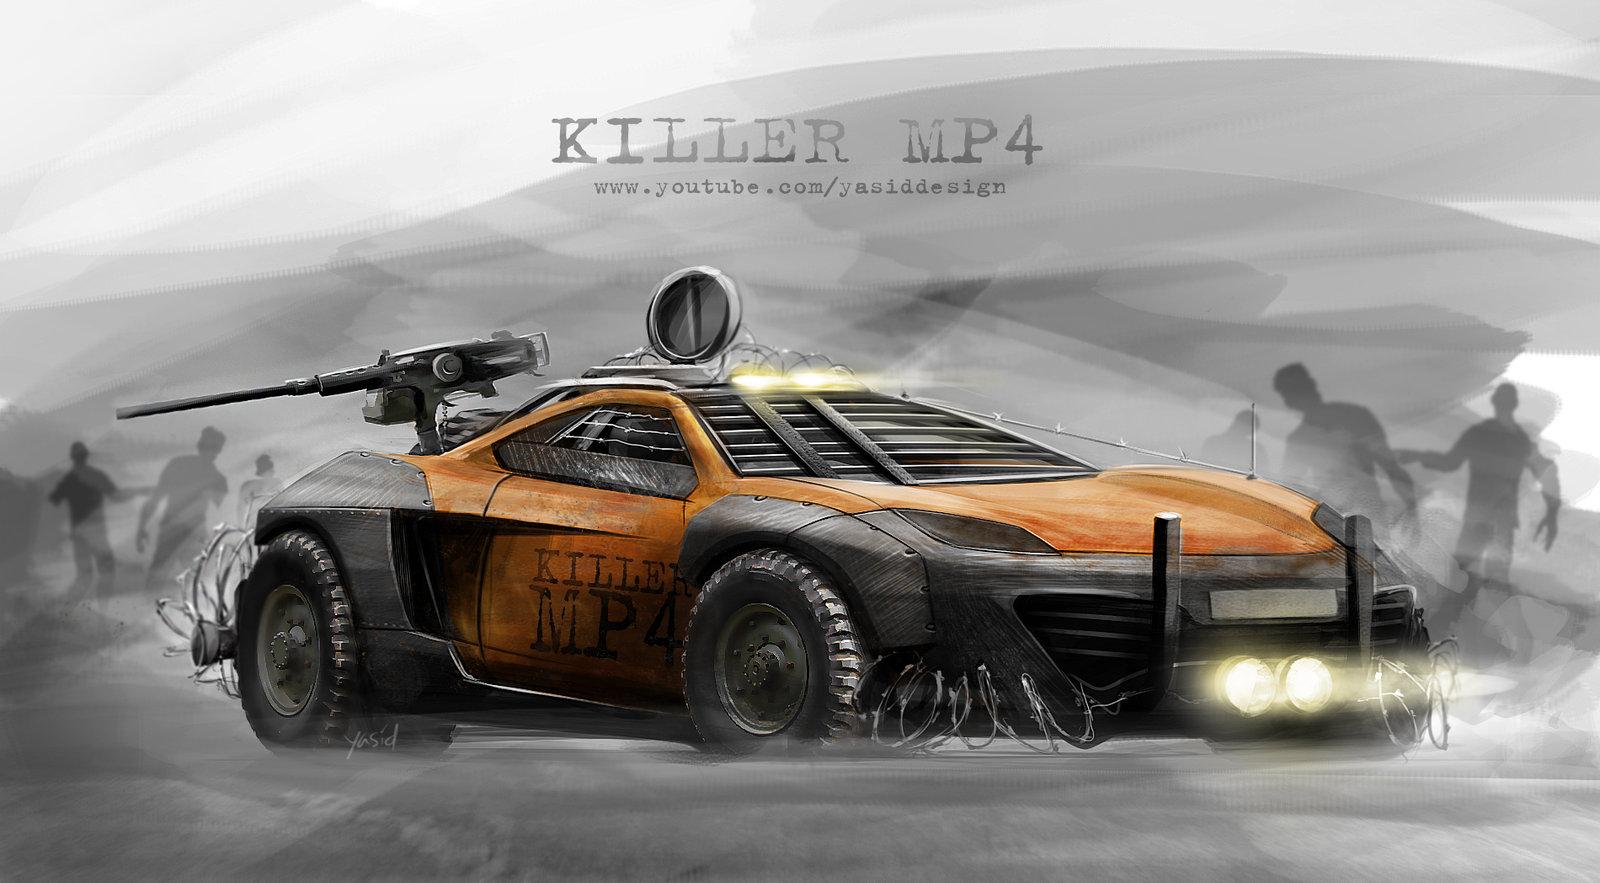 Killer MP4